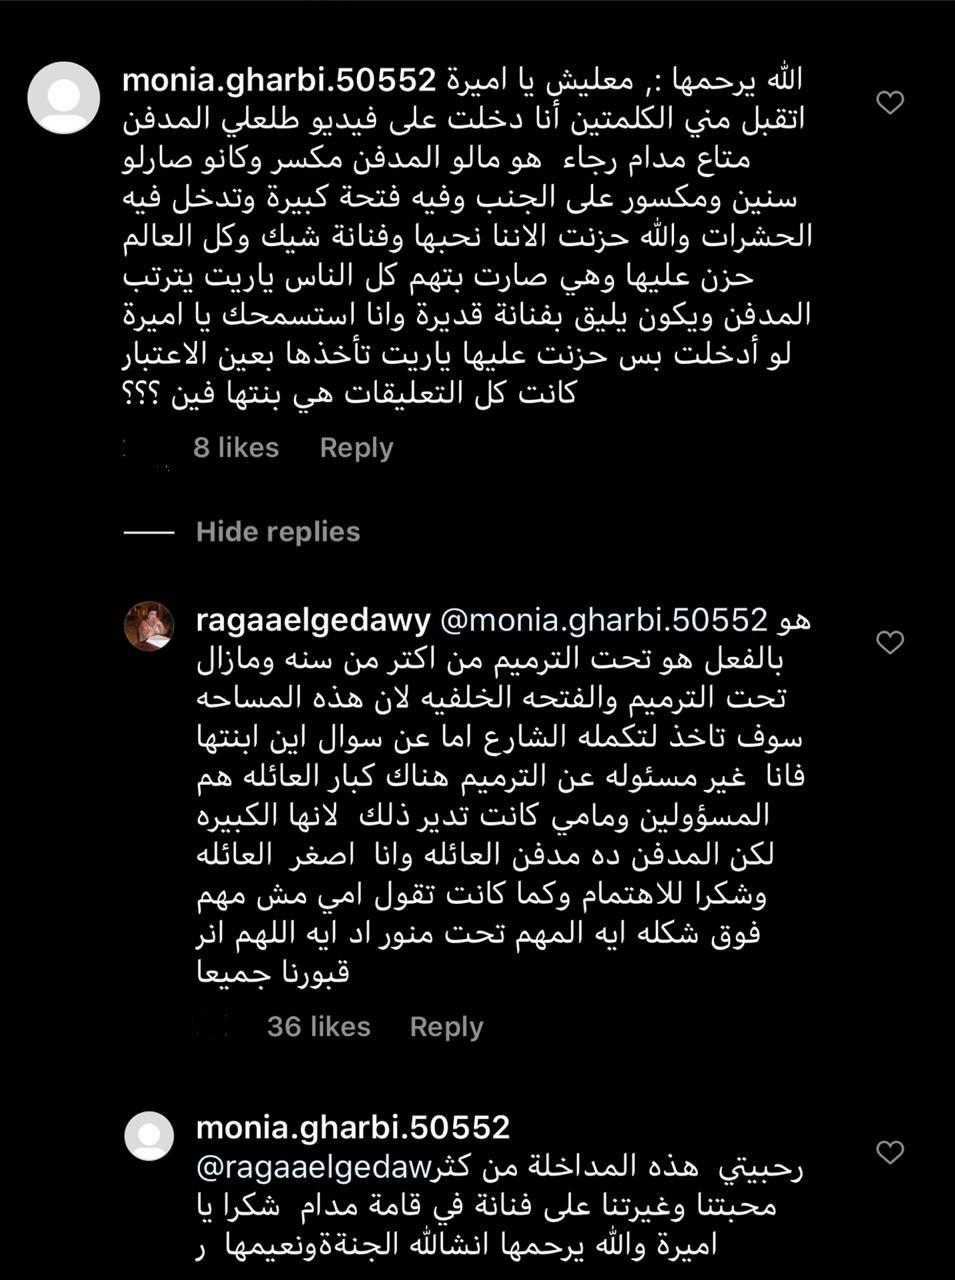 تعليق أميرة على صورة والدتها الراحلة رجاء الجداوي